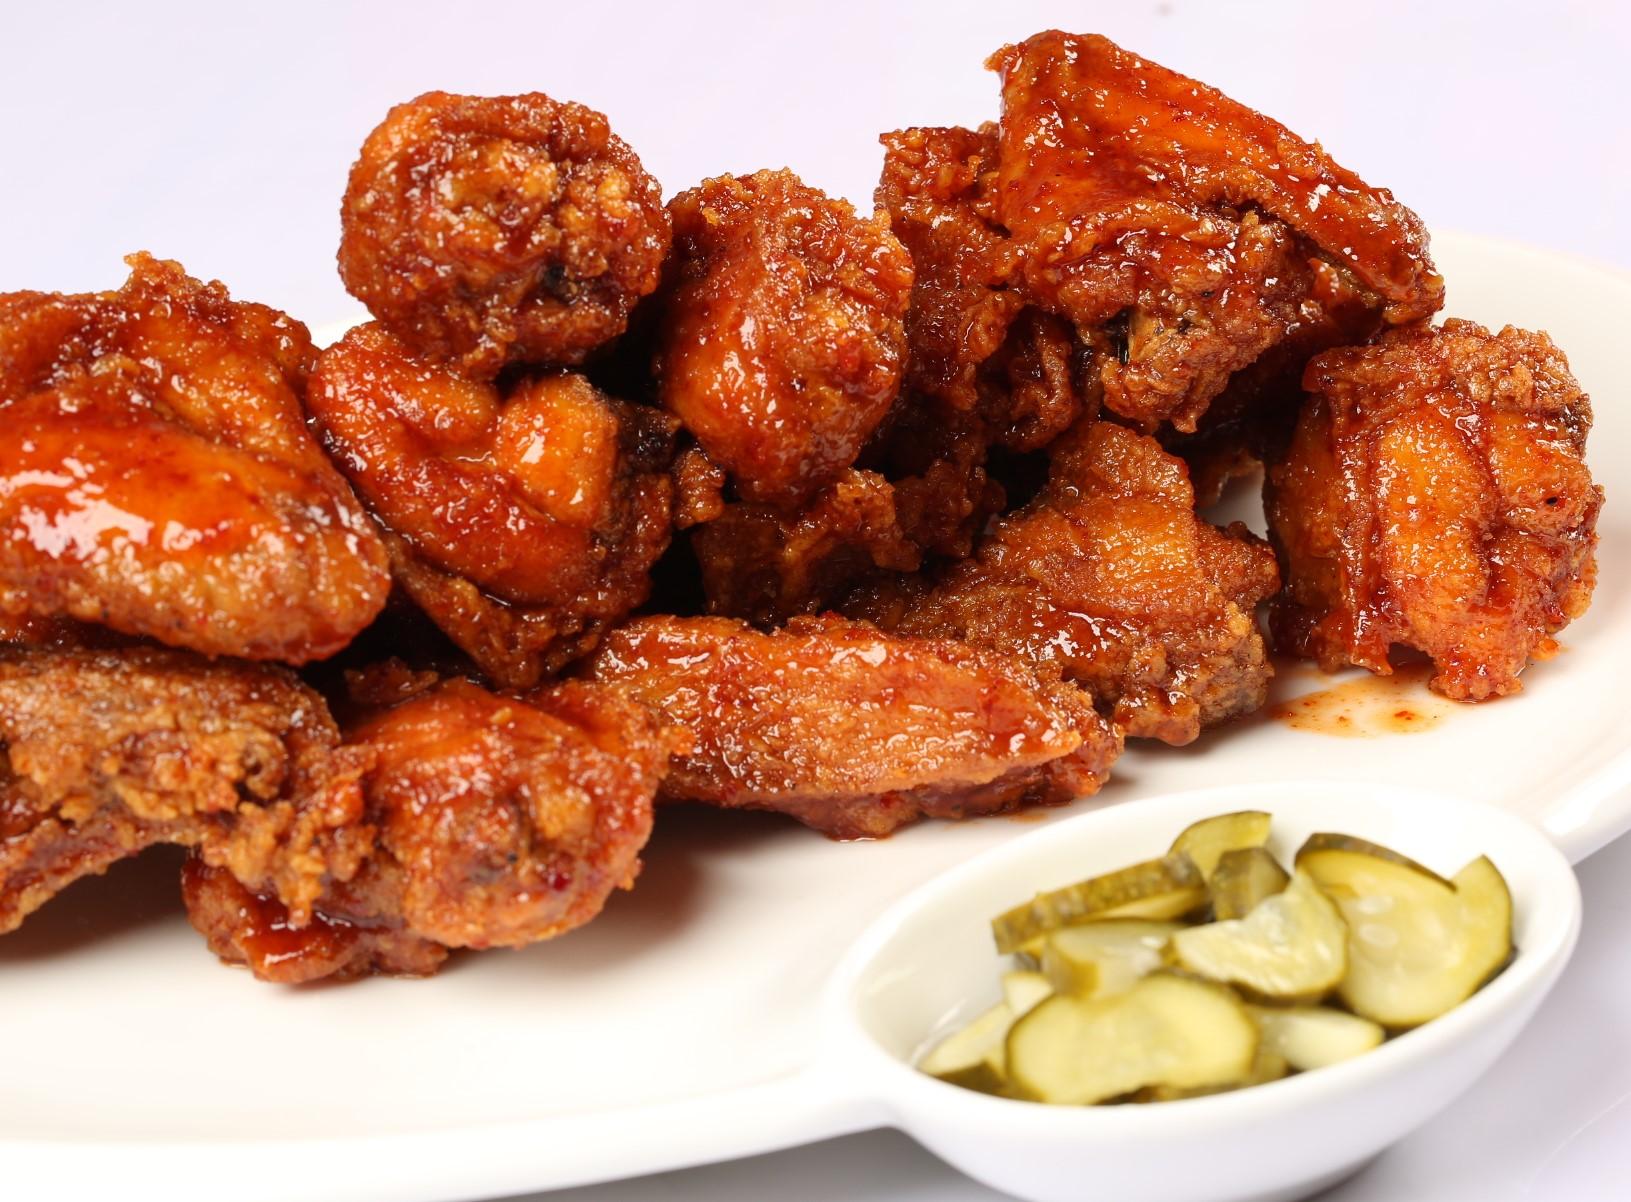 Hot korean spicy - Half Portion (2 ppl) / Full Portion (3-4ppl)560kgs / 990kgs